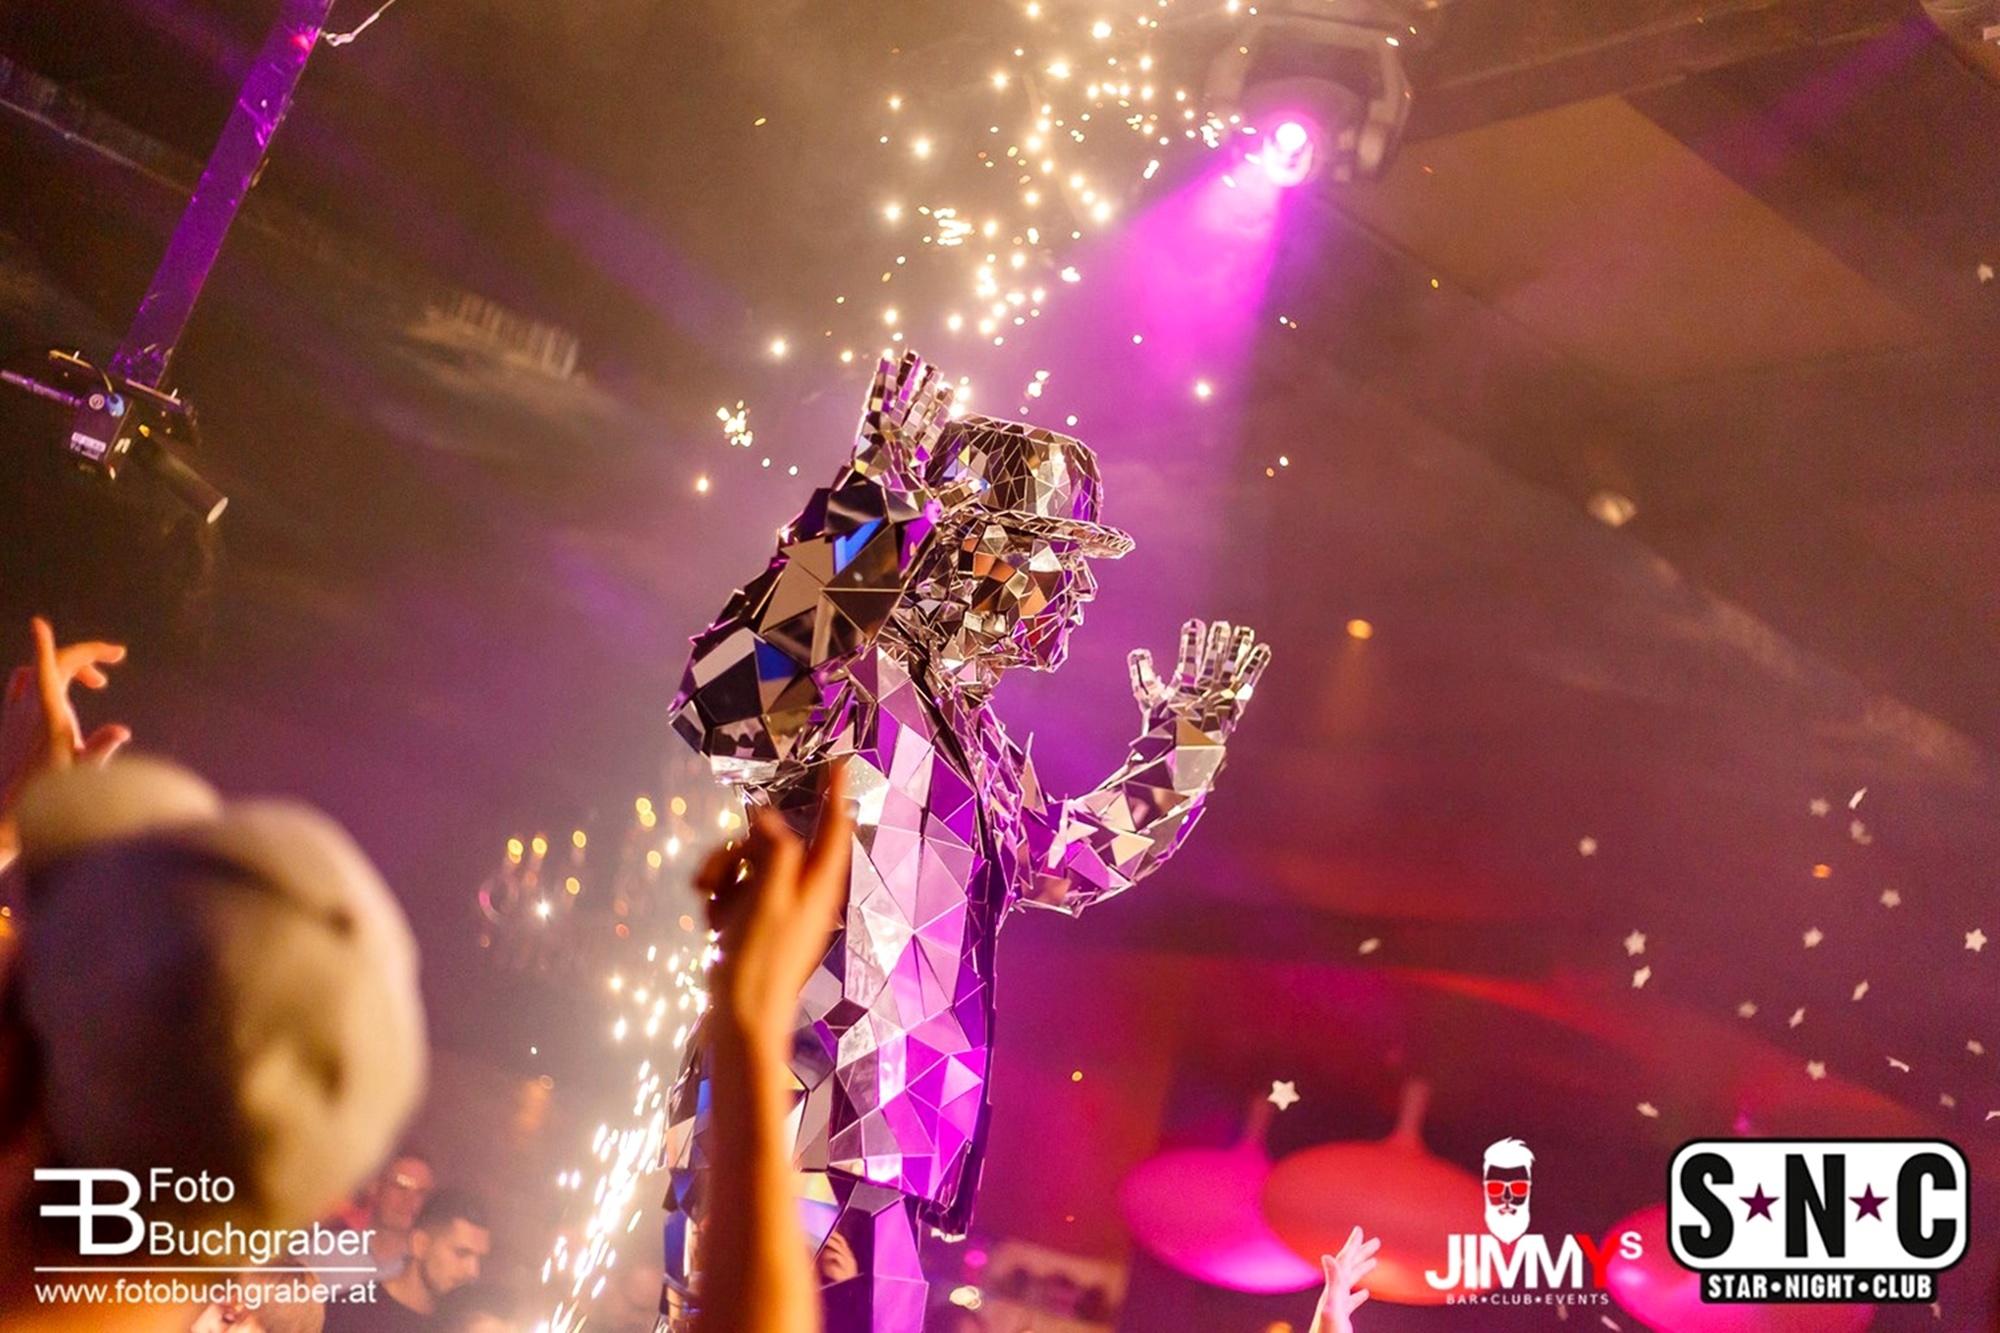 Mirror Man als Hingucker in der Disco oder bei einem Galaempfang